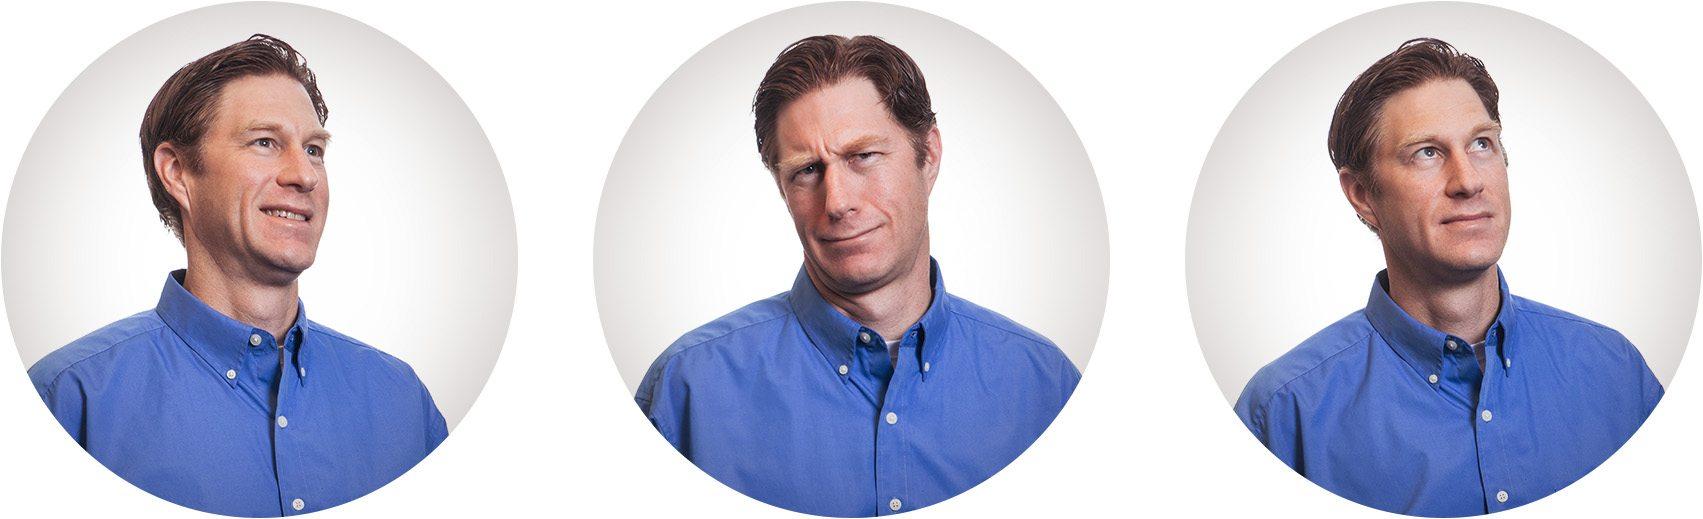 Jason Gantner